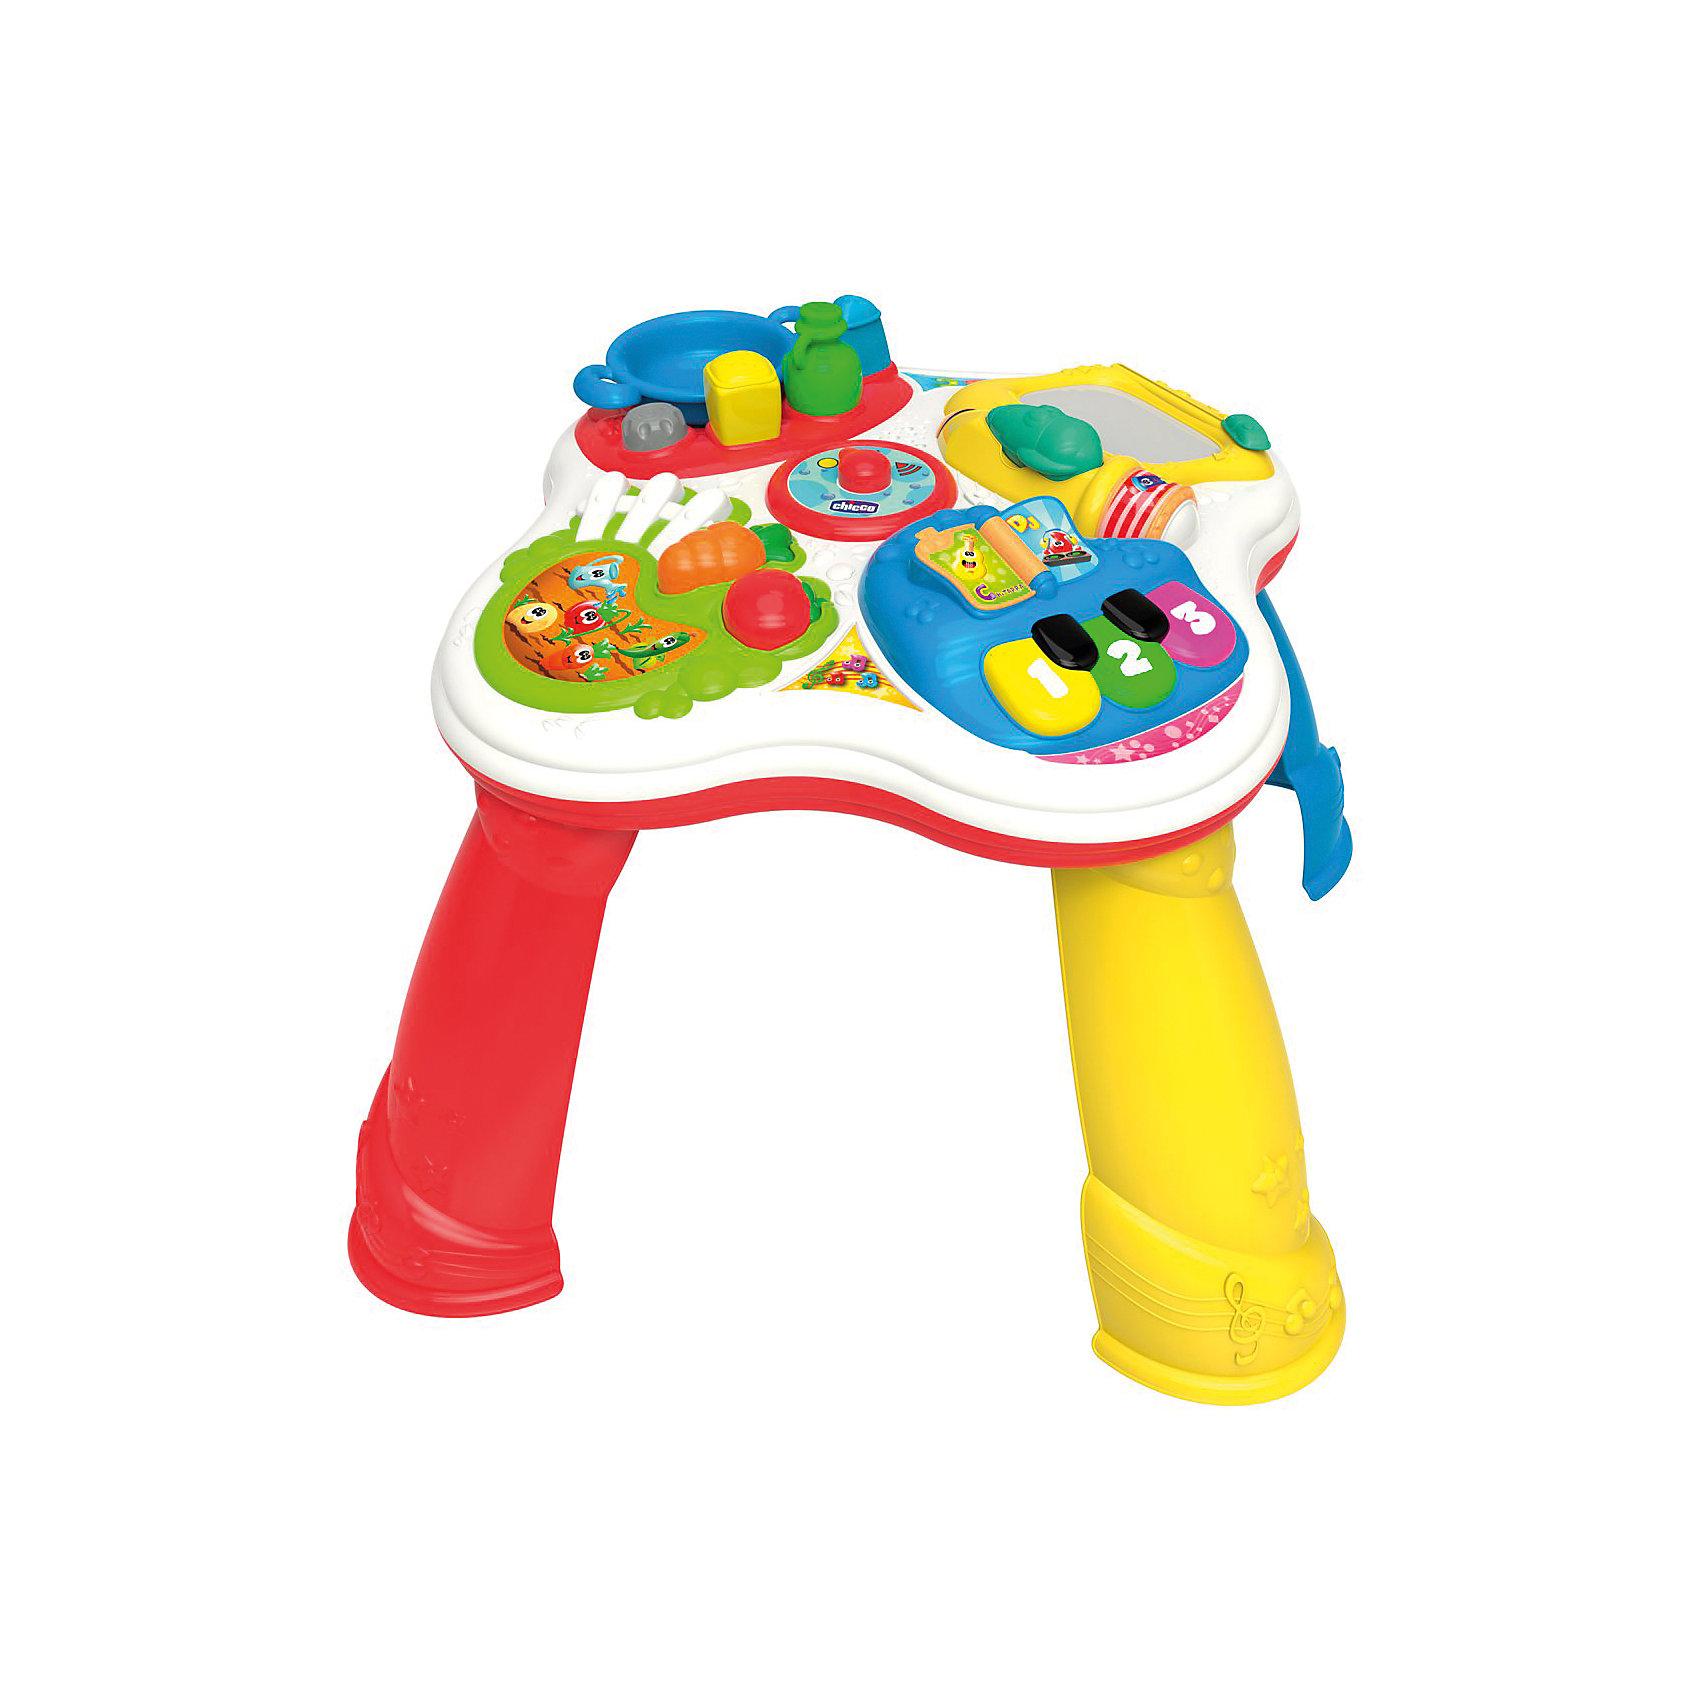 Развивающая игрушка Говорящий Столик (рус/англ), ChiccoИнтерактивные игрушки для малышей<br>Развивающая игрушка Говорящий Столик (рус/англ), Chicco<br><br>Характеристики:<br><br>- в набор входит: интерактивный столик<br>- состав: пластик<br>- функции: световые и звуковые эффекты, 60 мелодий<br>- элементы питания: на батарейках<br>- для детей в возрасте: от 1 до 3 лет <br>- Страна производитель: Китай<br><br>Новый Говорящий Столик из серии Двуязычная обучающая игрушка от известного итальянского бренда товаров для детей Chicco (Чико) придет по вкусу малышам. Столик разделен на несколько тематических зон, помогающих развиваться в разных направлениях. Зона кухни представлена в виде большой тарелки, солонки, перечницы и соусницы разных форм, которые нужно вставлять в столик. Серебряная кнопка активирует звуки, которые можно услышать на кухне. Творческая зона с планшетом для рисования и ручкой-самолетом помогут малышу развивать свои творческие способности, учиться писать цифры и буквы, рисовать любимых животных. Зона с овощами и фруктами научит названиям основных овощей и фруктов, морковь и помидор вынимаются и с ним можно играть.<br><br> Музыкальный блок столика состоит из больших разноцветных клавиш и книги, которую можно листать. В этом блоке играют песни на двух языках, демонстрируются музыкальные инструменты и их звучание. Ножки столика можно снять и играть без них. Развивайтесь вместе с новым столиком и новыми играми! Играя со столиком малыш сможет развивать тактильное, звуковое и цветовое восприятие, сможет развивать память, логическое мышление научиться базовым фразам на двух языках.<br><br>Развивающую игрушку Говорящий Столик (рус/англ), Chicco можно купить в нашем интернет-магазине.<br><br>Ширина мм: 120<br>Глубина мм: 390<br>Высота мм: 635<br>Вес г: 2750<br>Возраст от месяцев: 12<br>Возраст до месяцев: 36<br>Пол: Унисекс<br>Возраст: Детский<br>SKU: 5379346